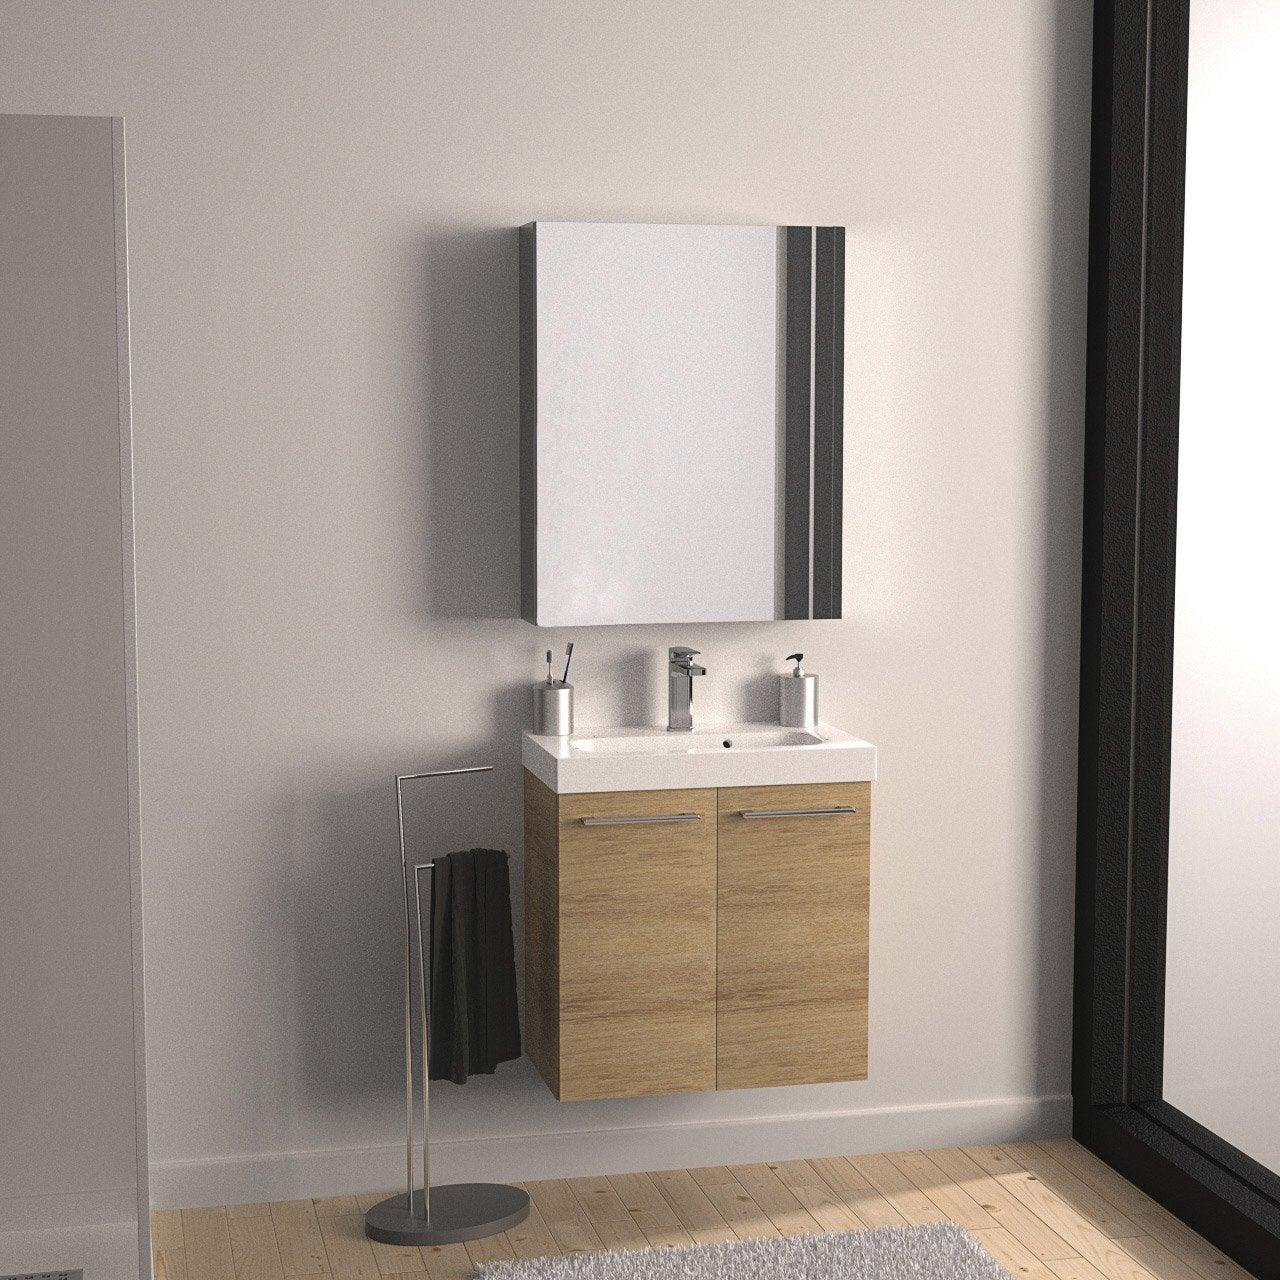 Pose de meuble de salle de bains pr mont largeur max 90 - Lave main leroy merlin meuble ...